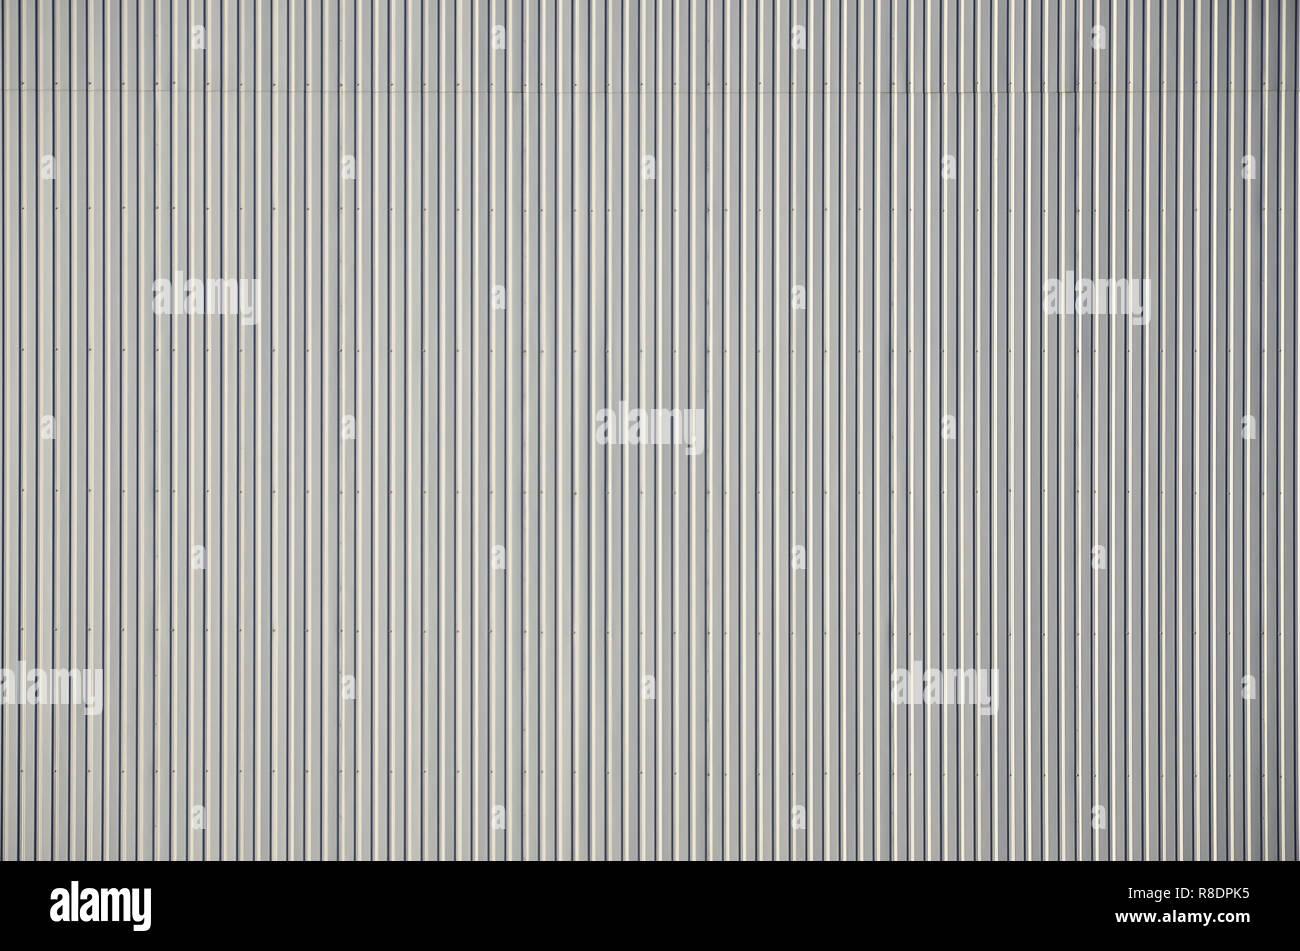 Sliver Aluminium Metall Platte. Abstellgleis. Die nahtlose Oberfläche der Stahl Dynamisierung. Industriebau Wand aus Wellblech, Flachbild Hintergrund ph Stockfoto